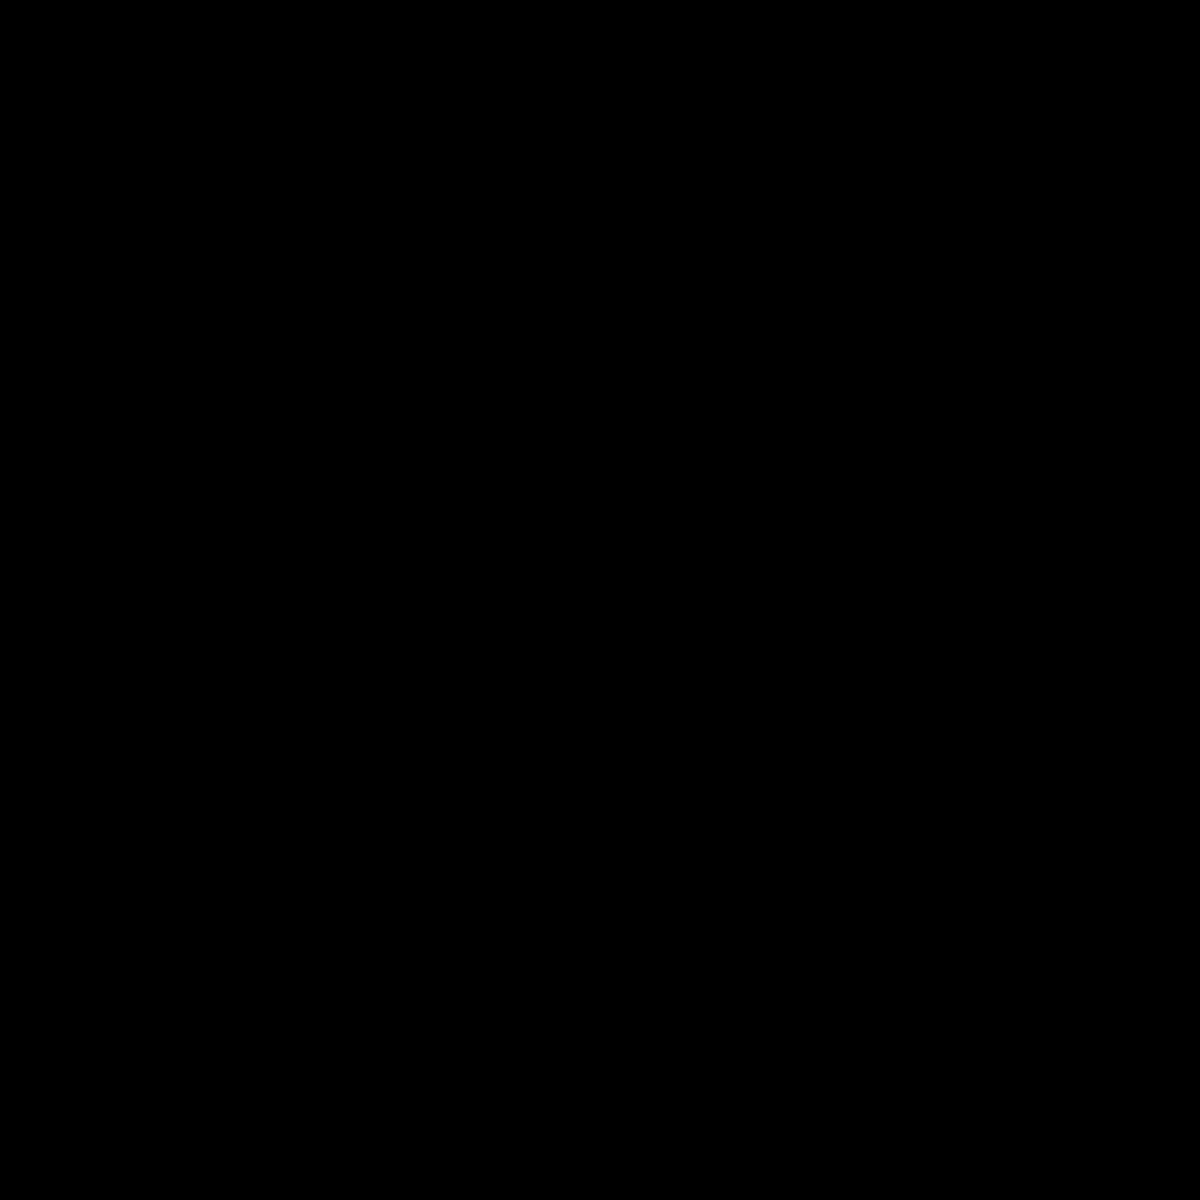 Luxus kivitelű ülőgarnitúra, sárga/barna párnák, balos, MARIETA U